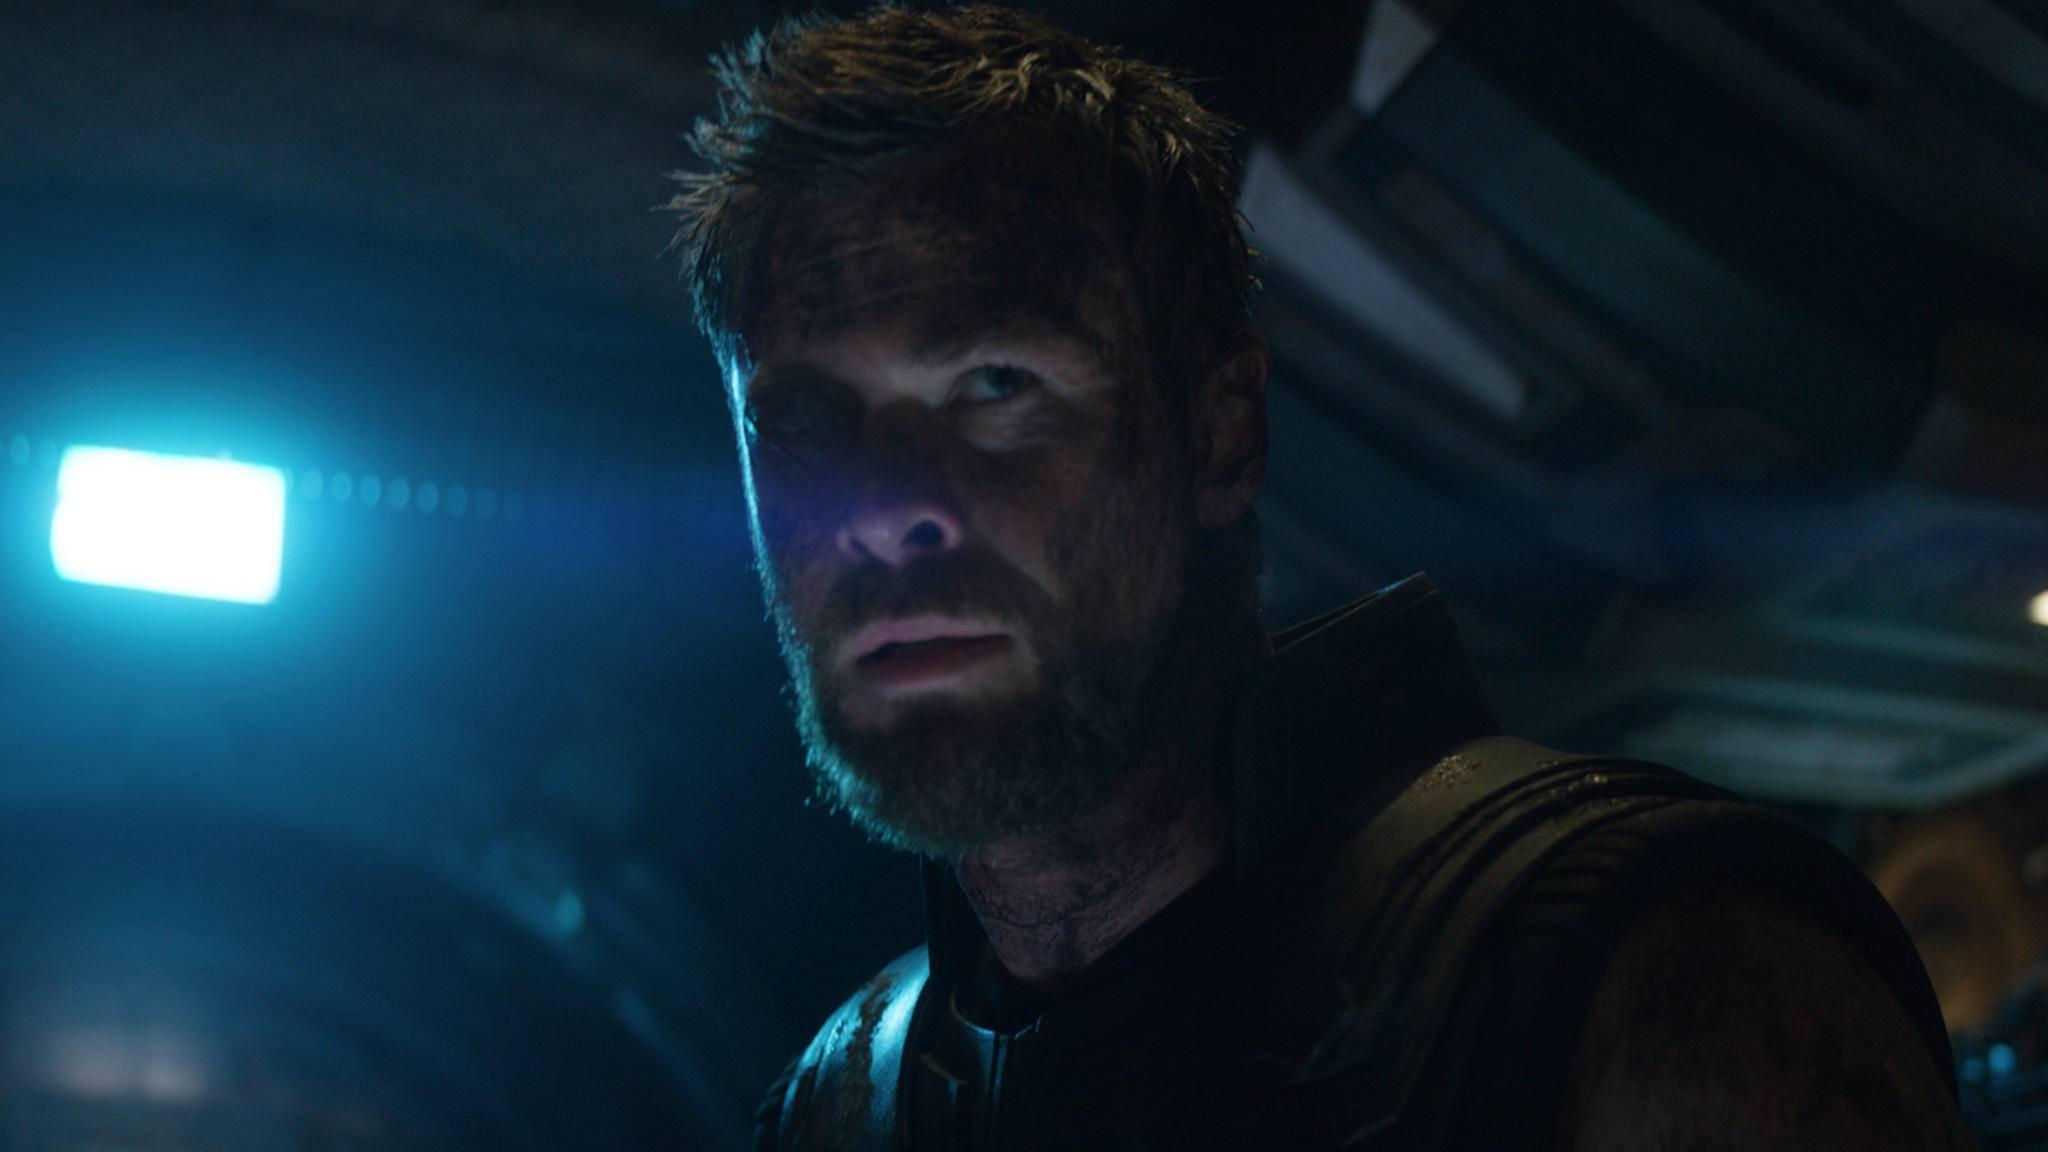 Die Avengers blicken ihrem bislang längsten Leinwand-Abenteuer entgegen.